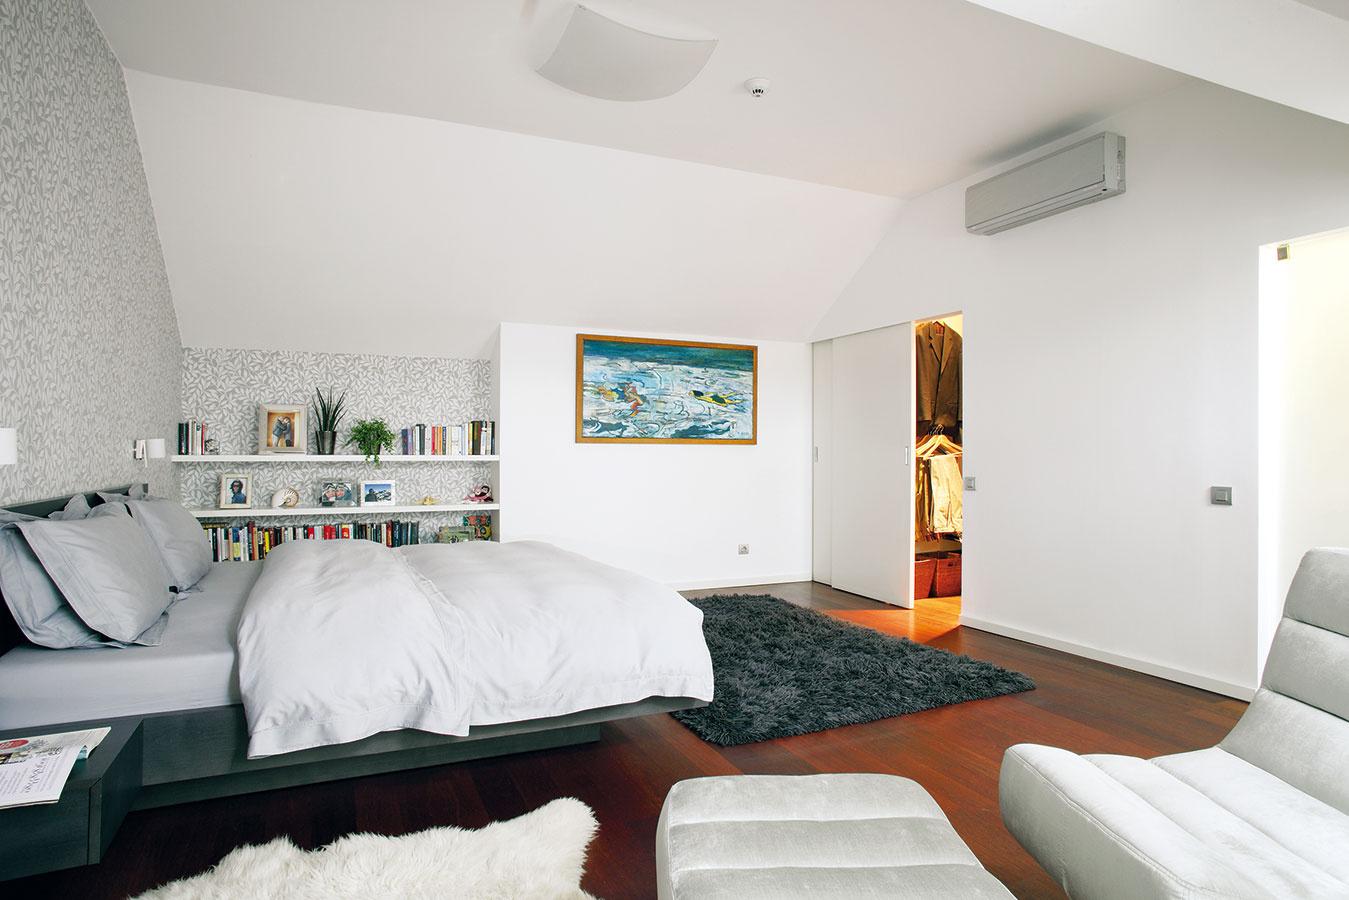 Vspálni manželov zdobí steny dekoračná tapeta srastlinným motívom, príjemnú drevenú podlahu ešte zútulňujú kožušiny akoberec.